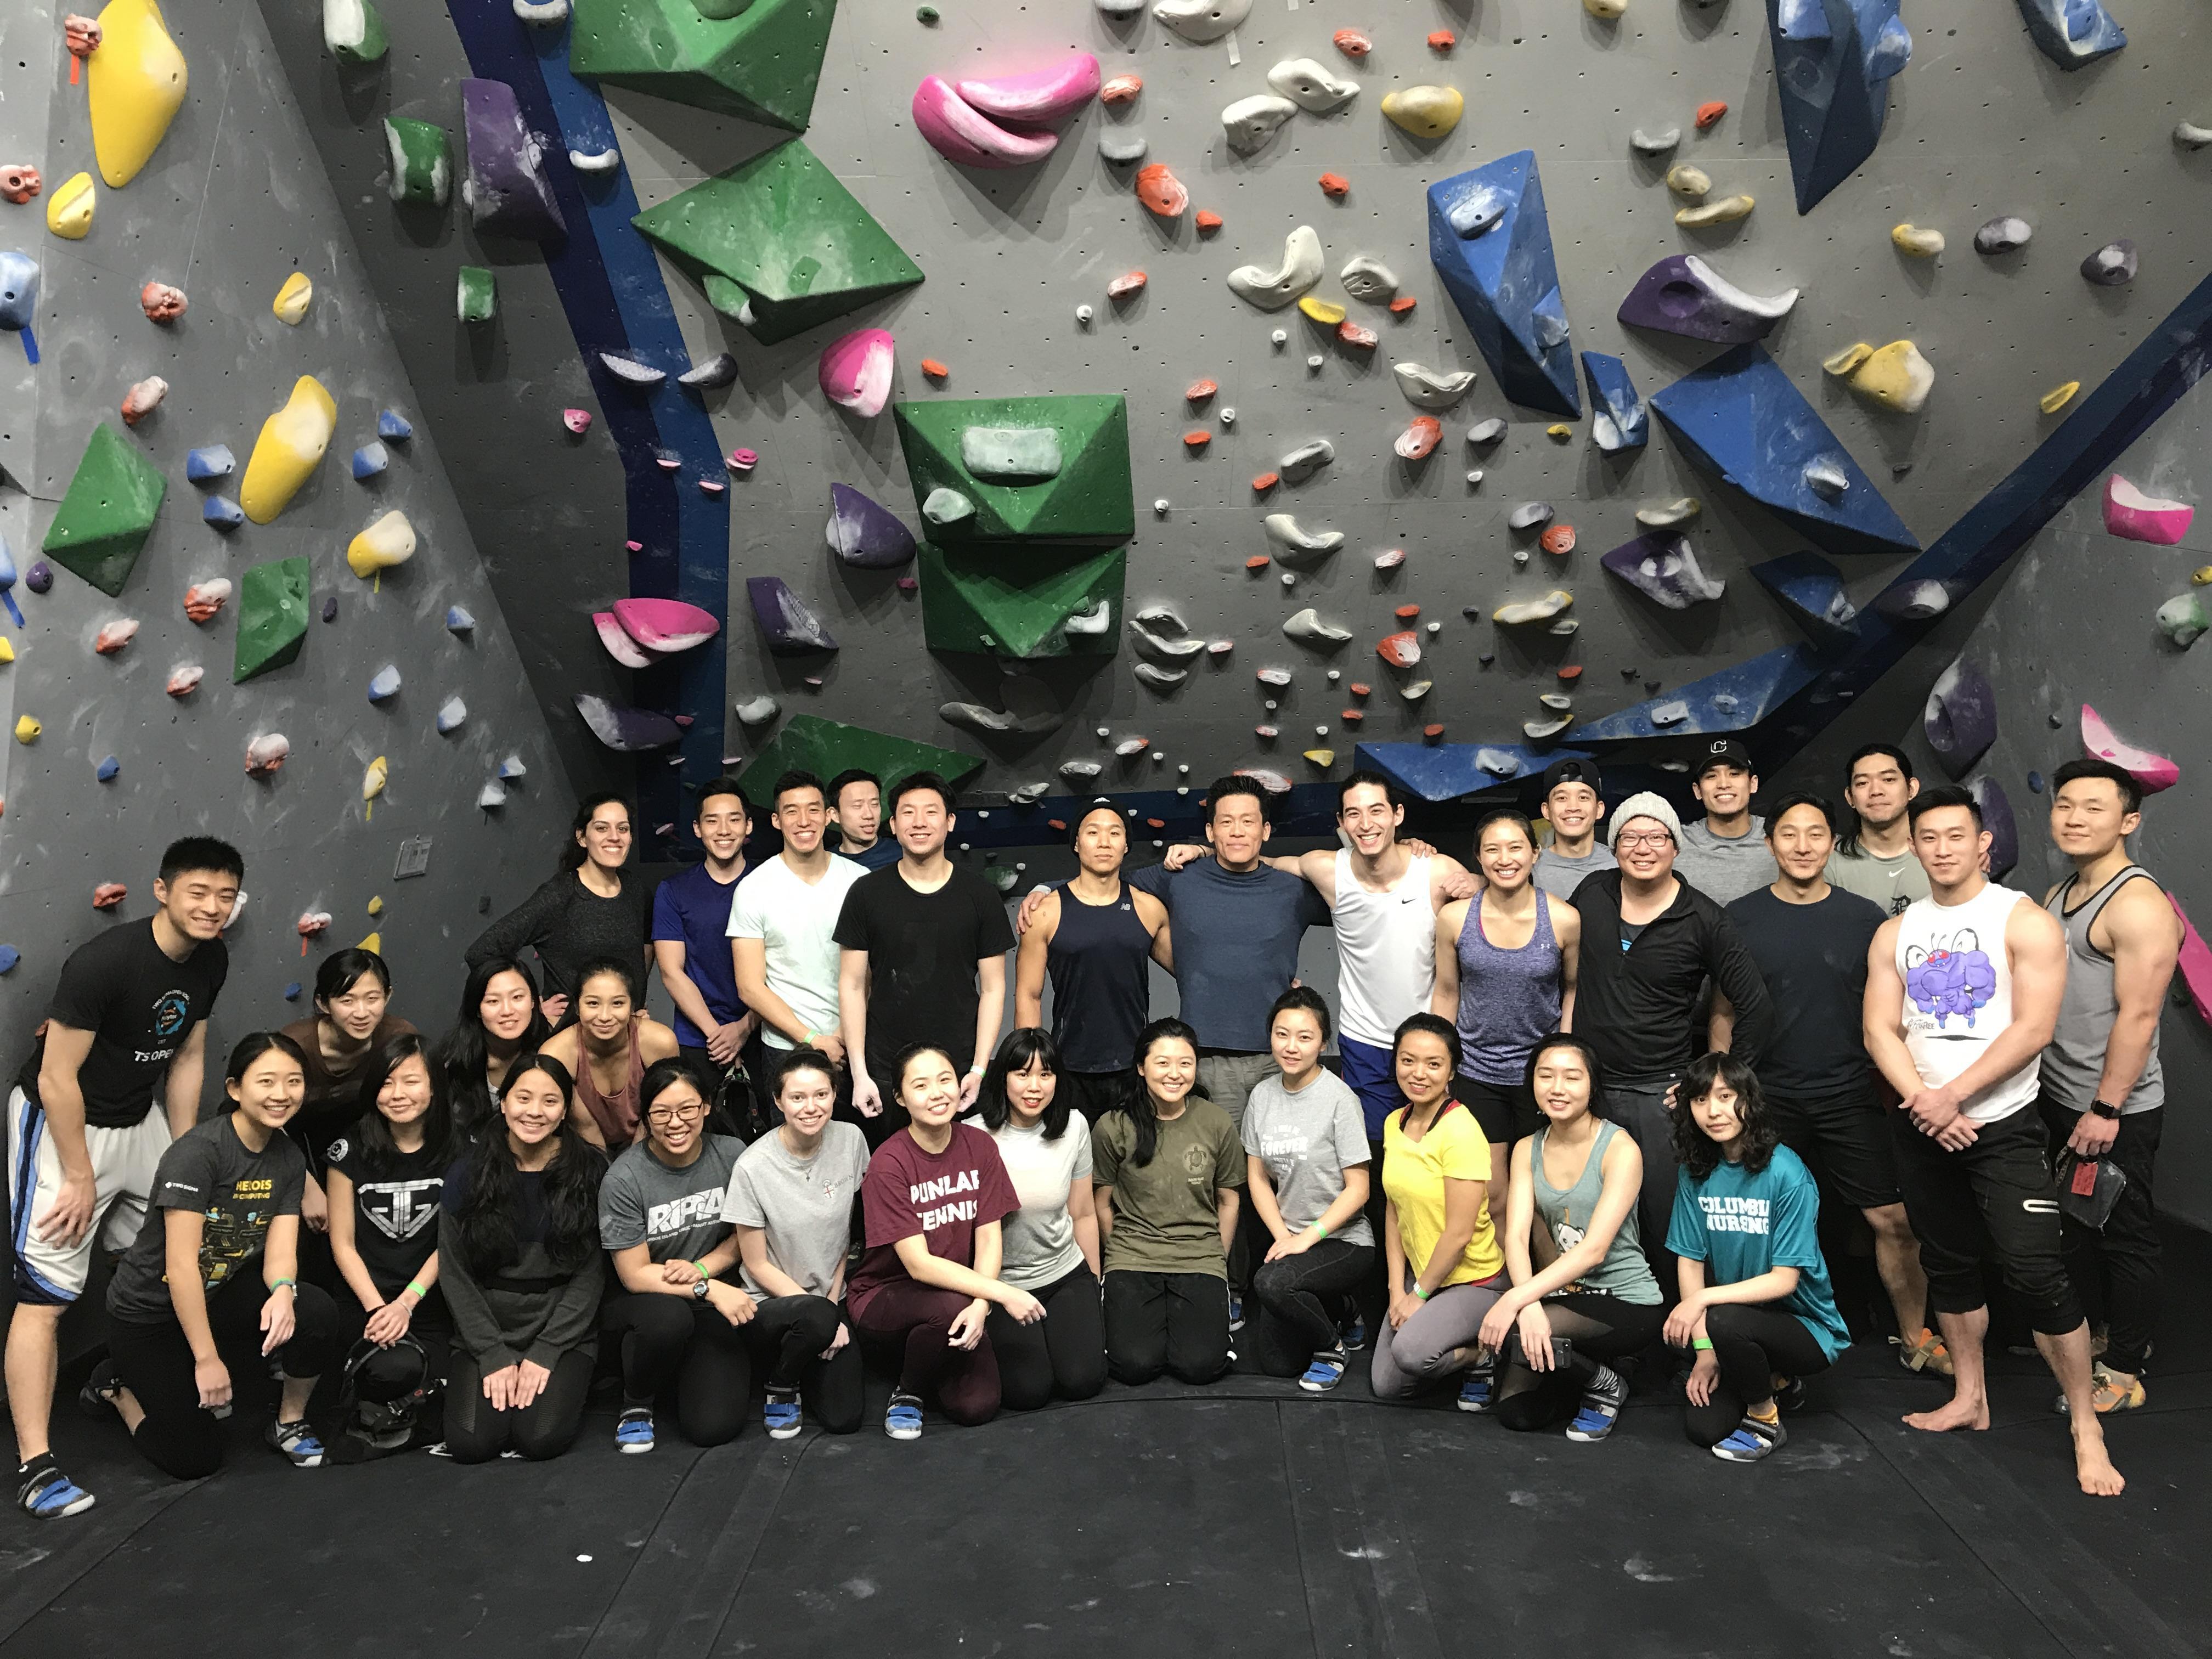 TAP-NY Rock Climbing